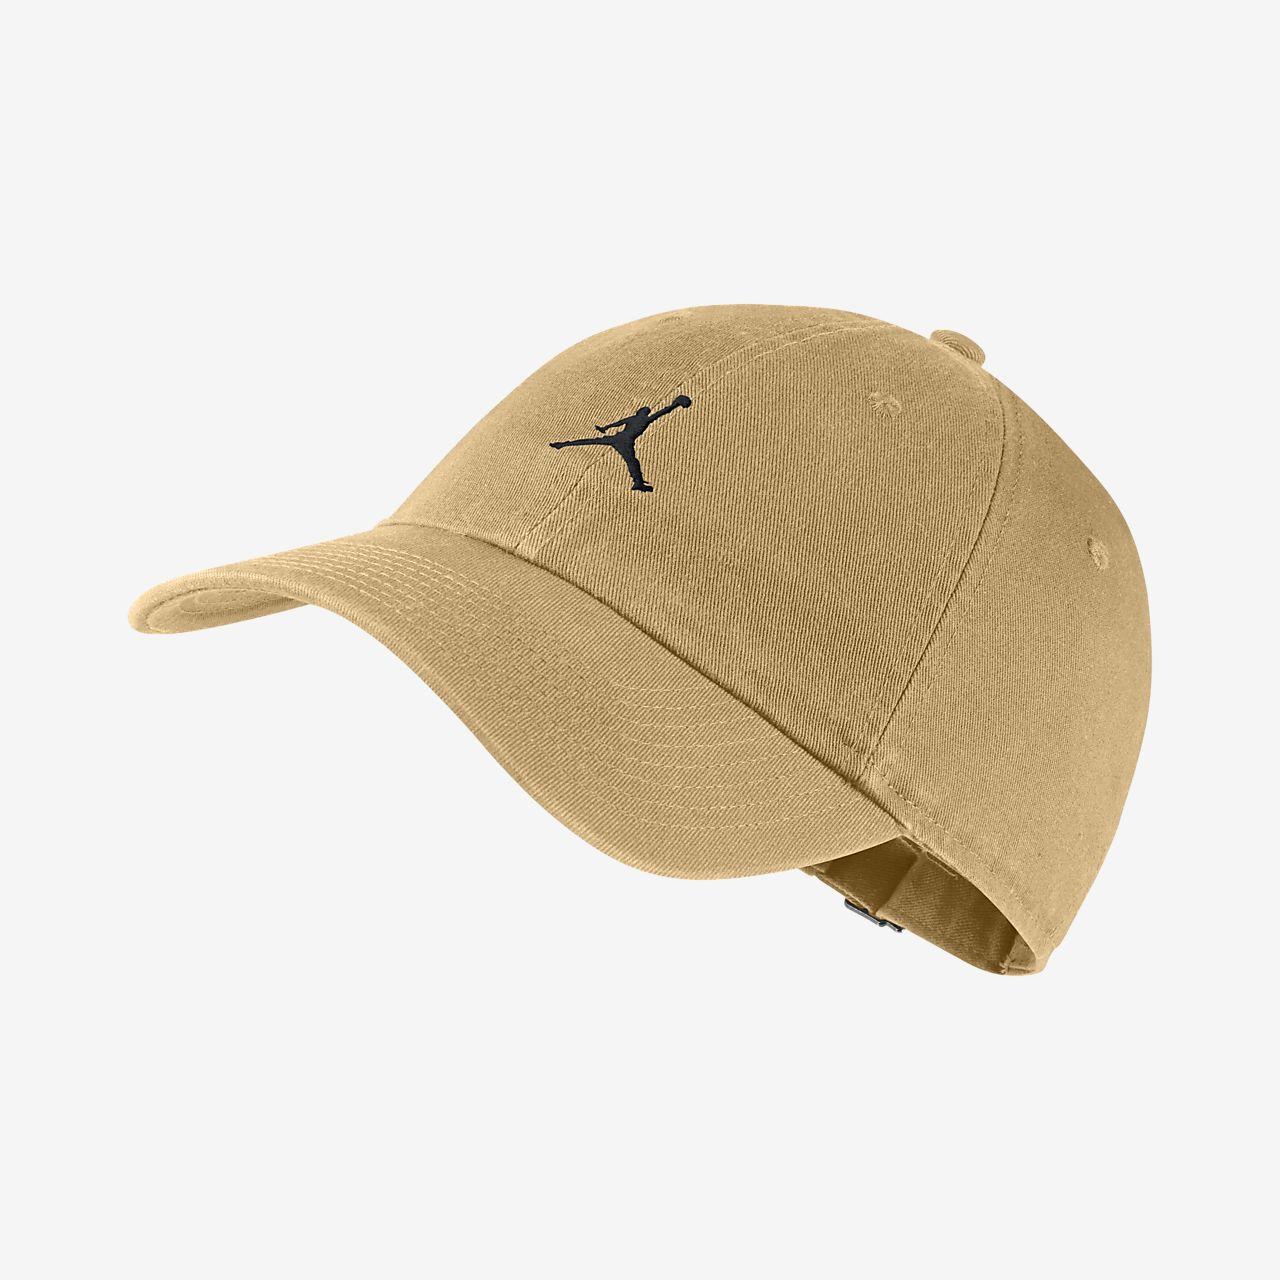 8f2330b8fc73a7 Jordan Jumpman Heritage 86 Adjustable Hat. Nike.com VN